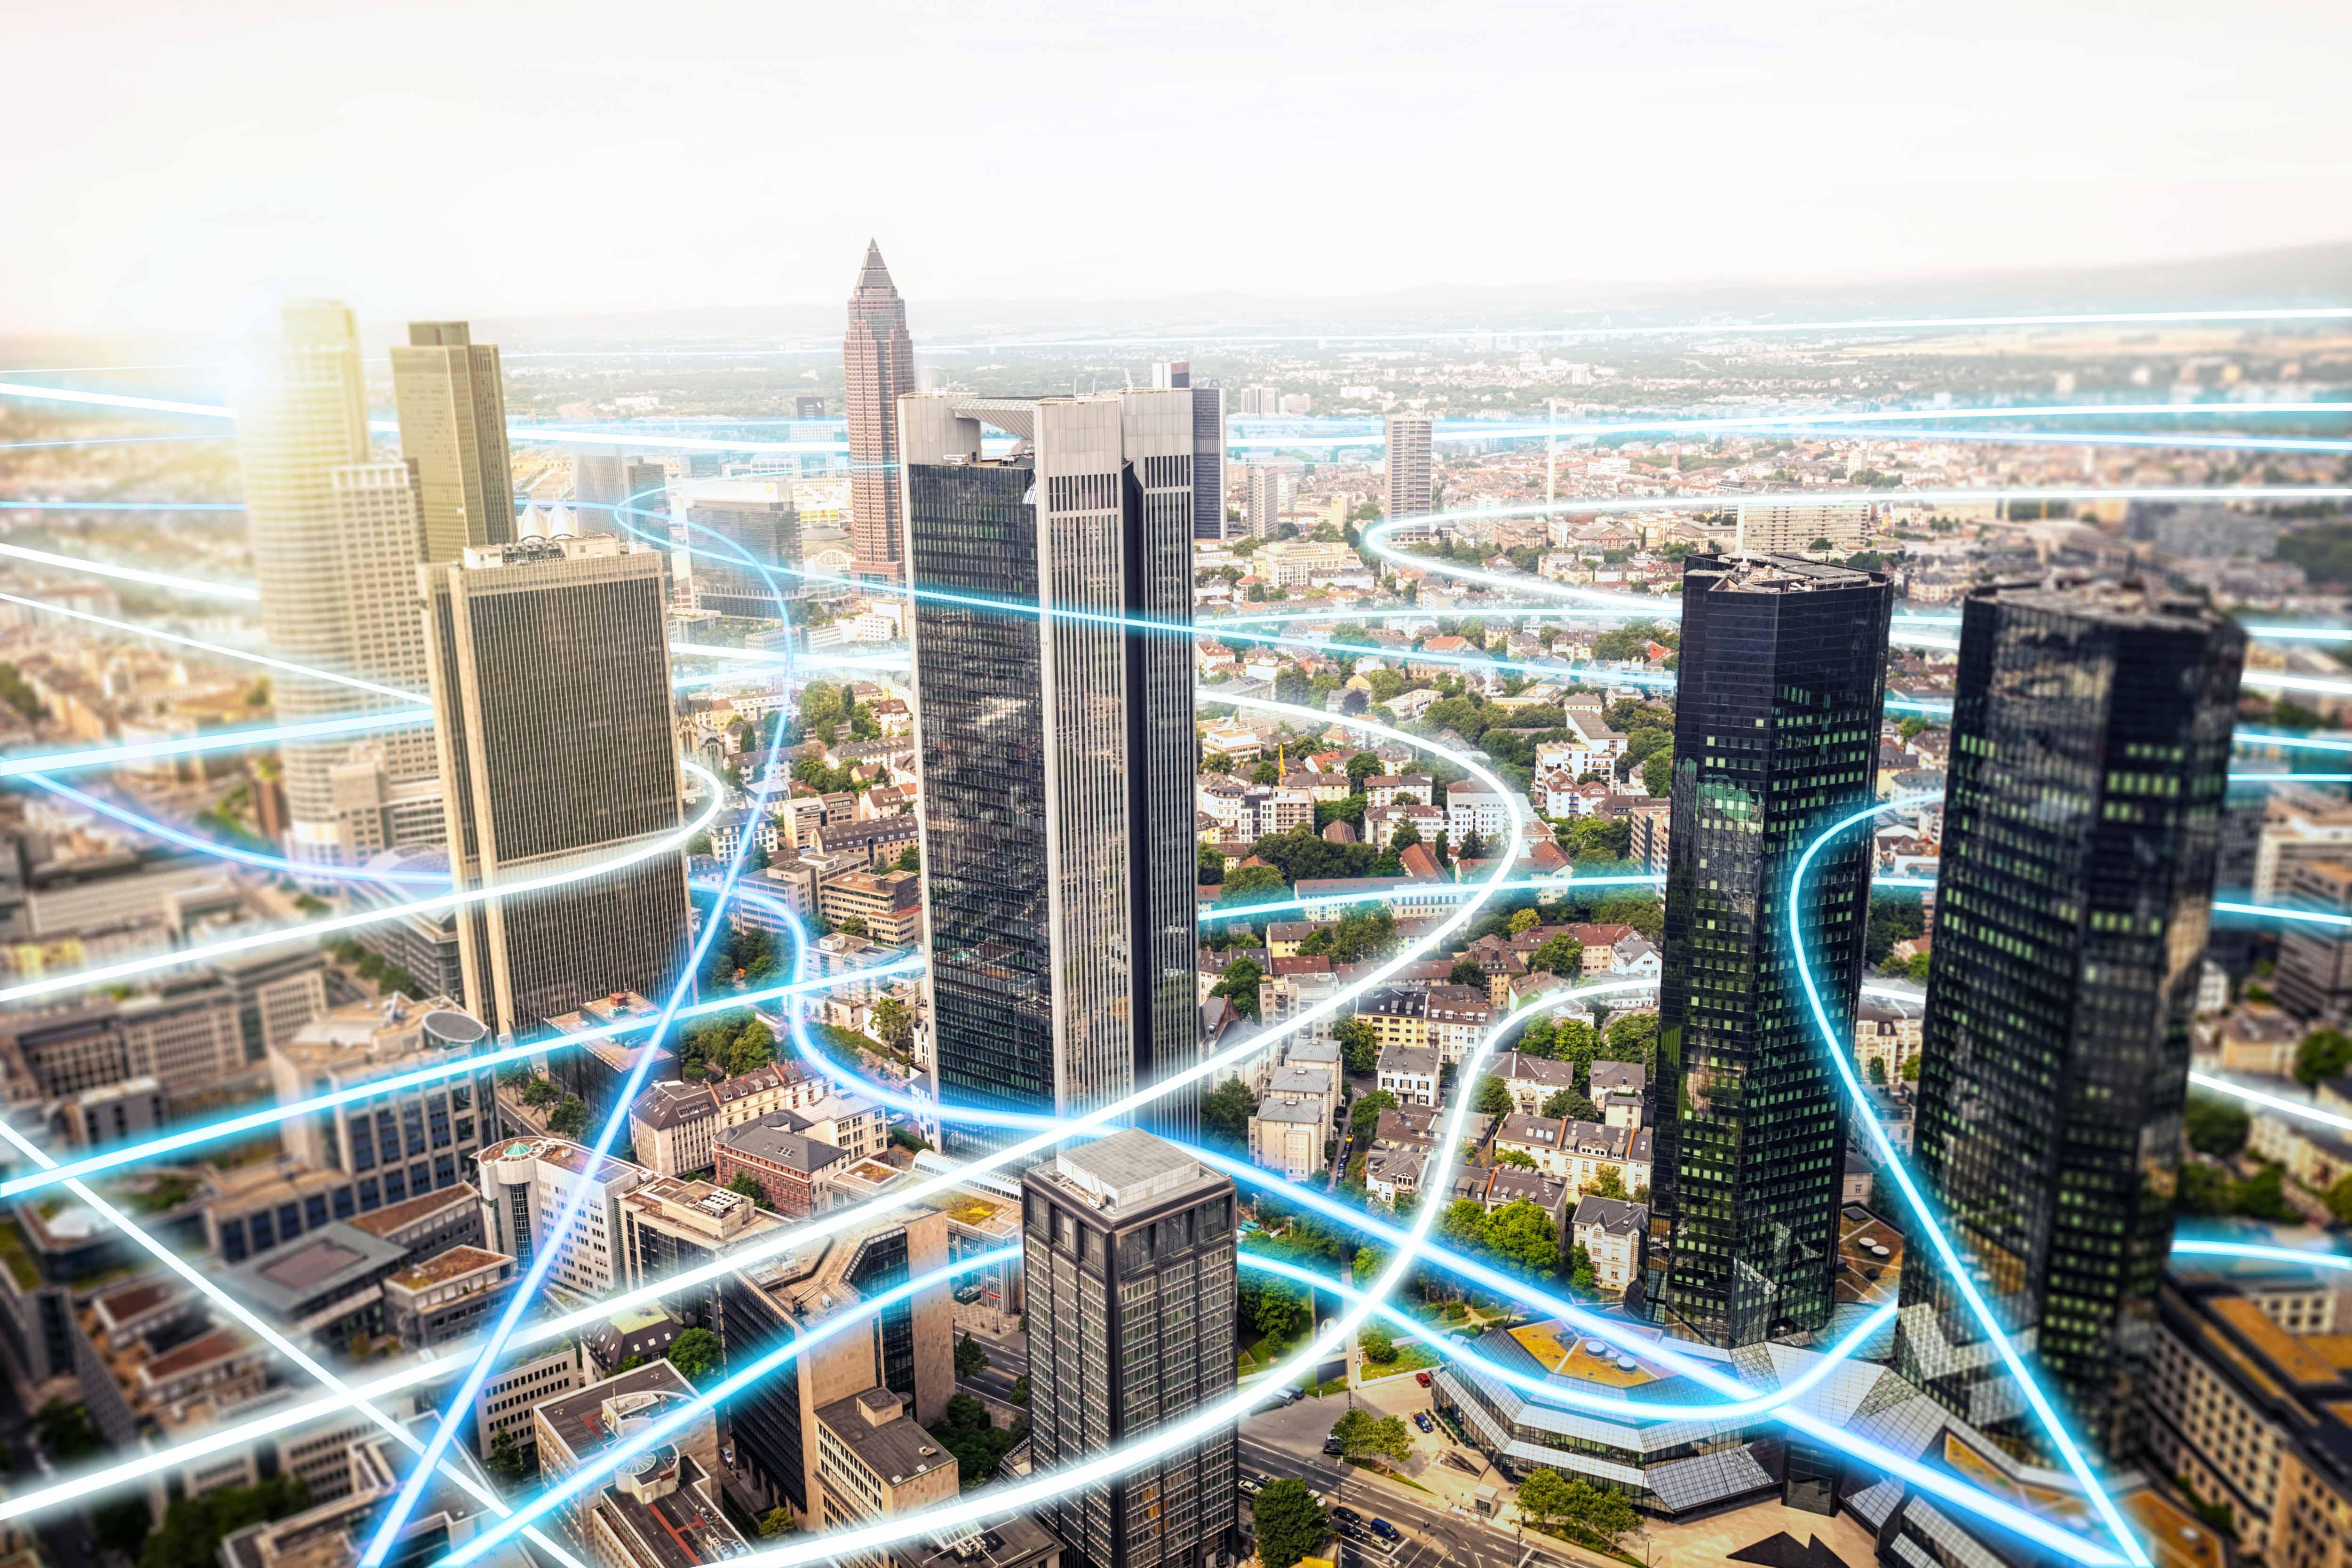 Spotkania b2b z tajwańskimi firmami z branży Smart City, telekomunikacyjnej i infrastruktury IoT